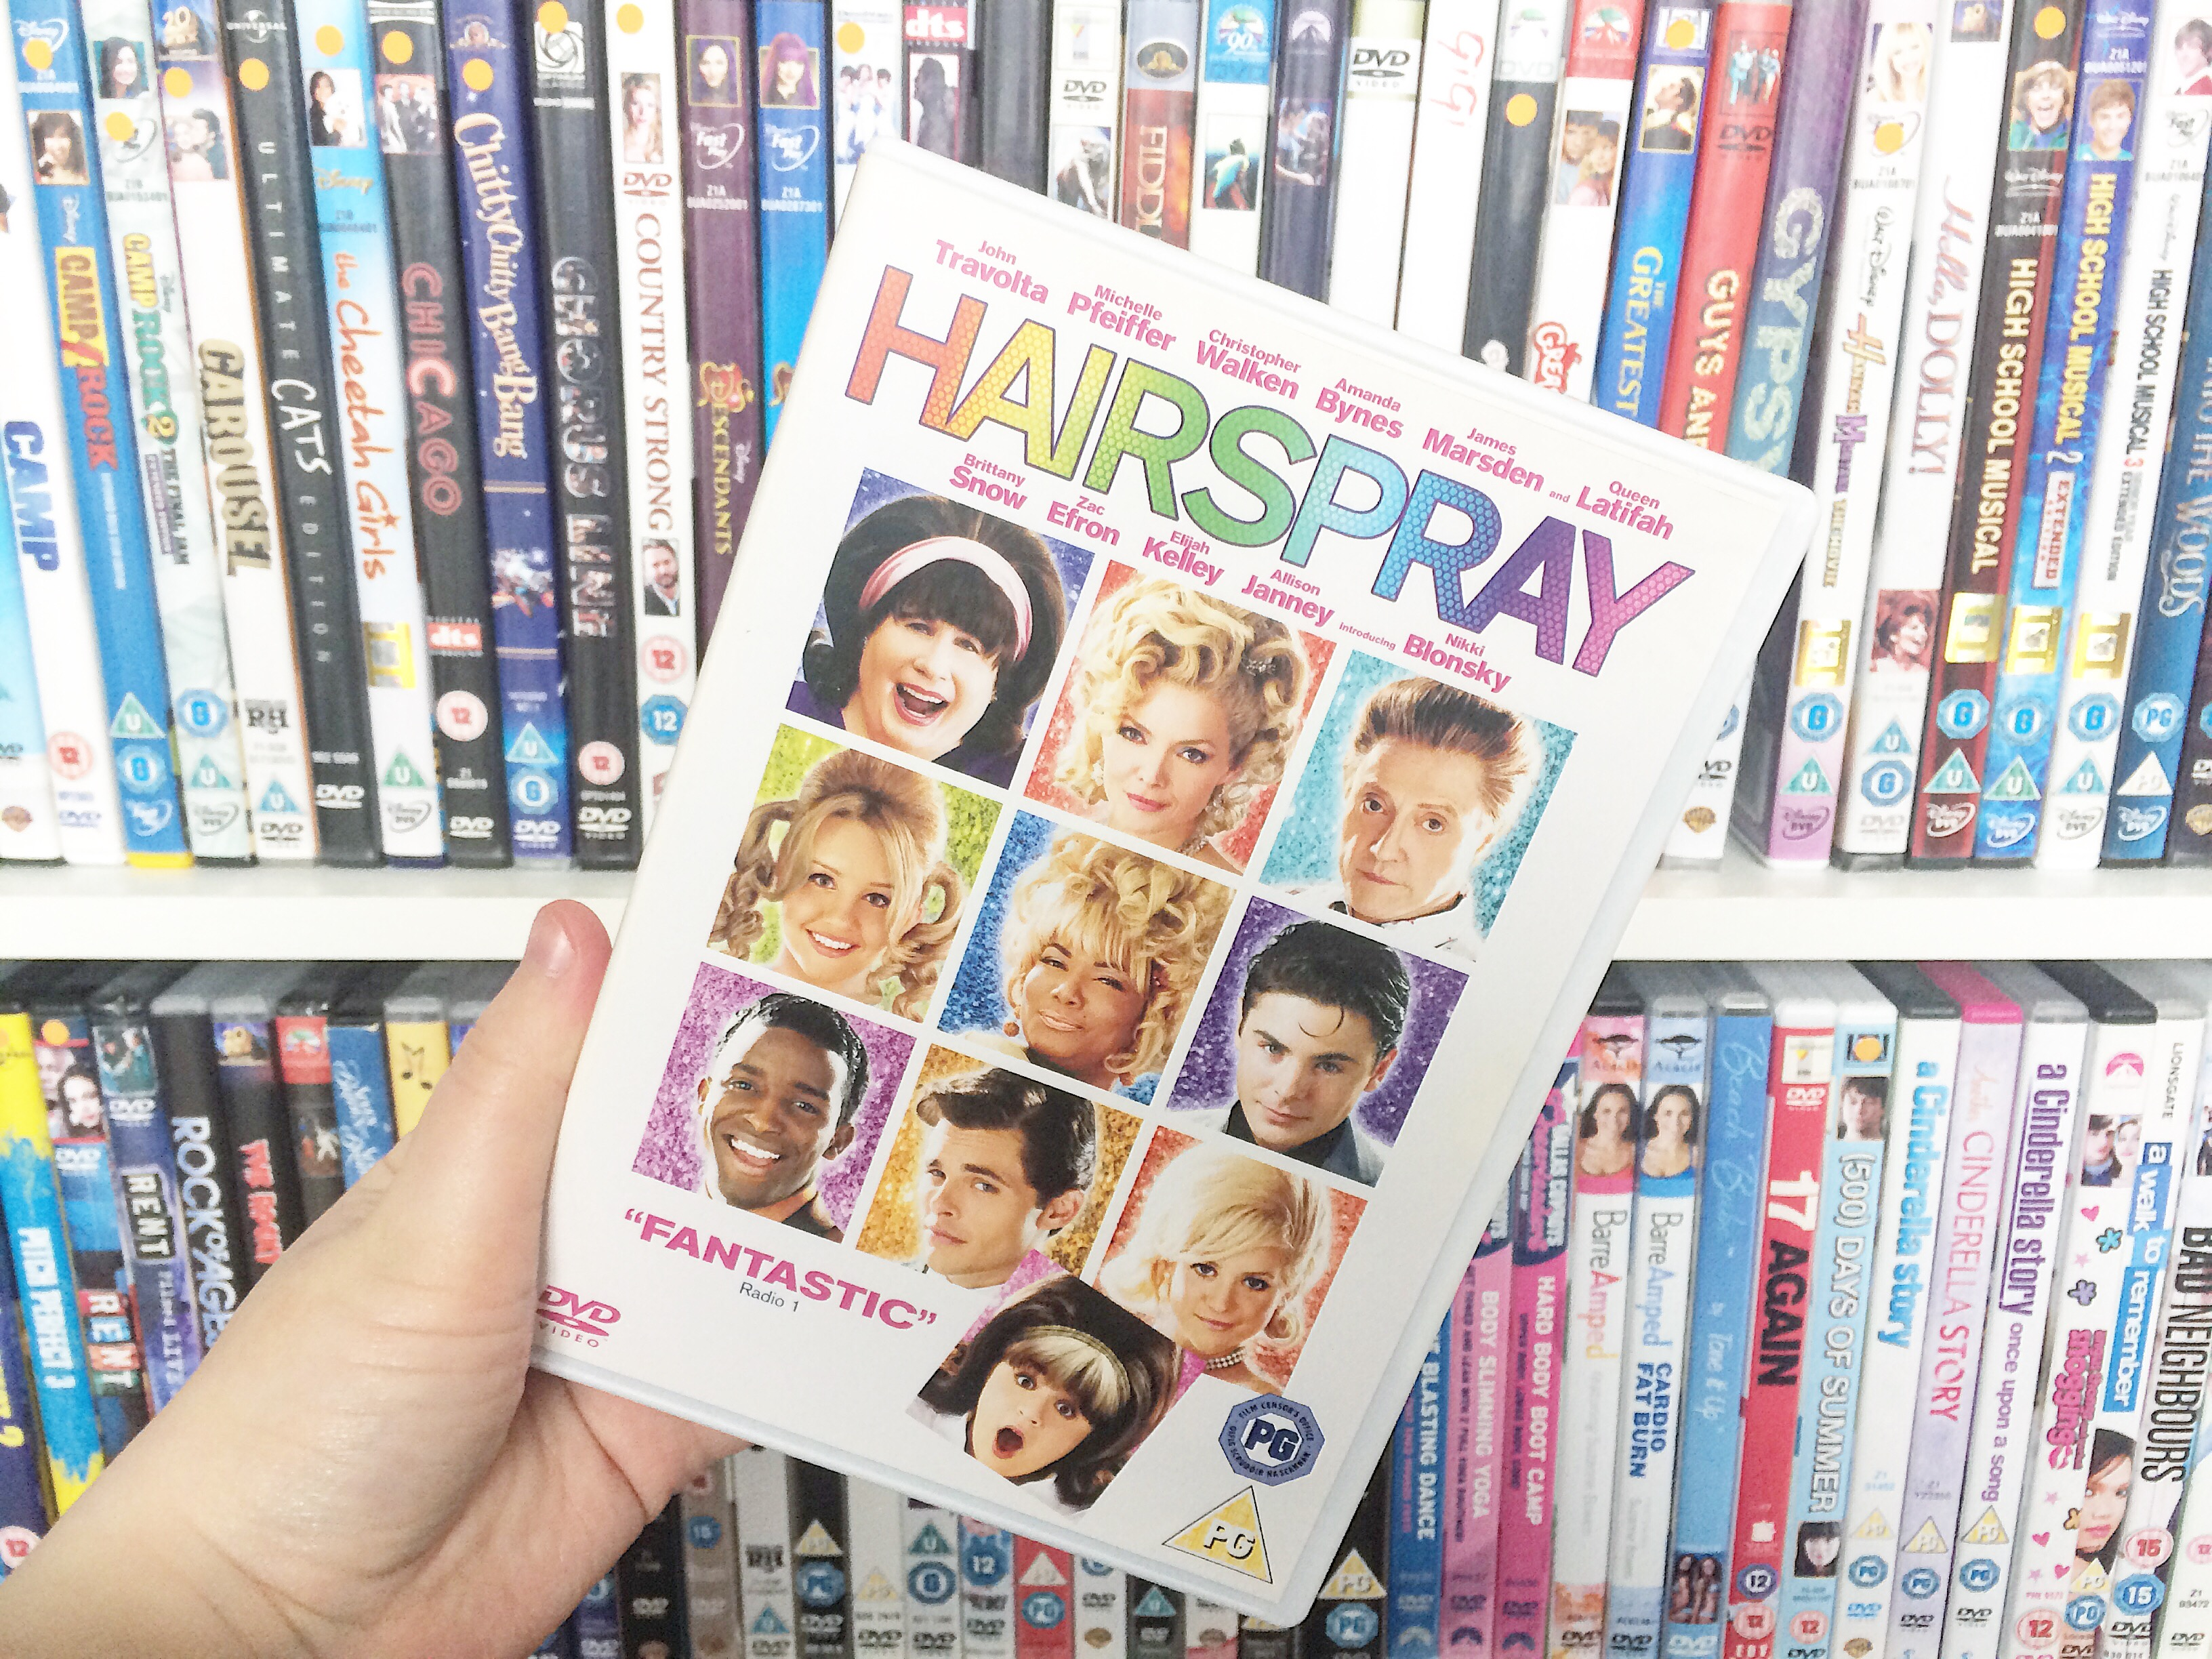 favourite-movie-musicals-hairspray